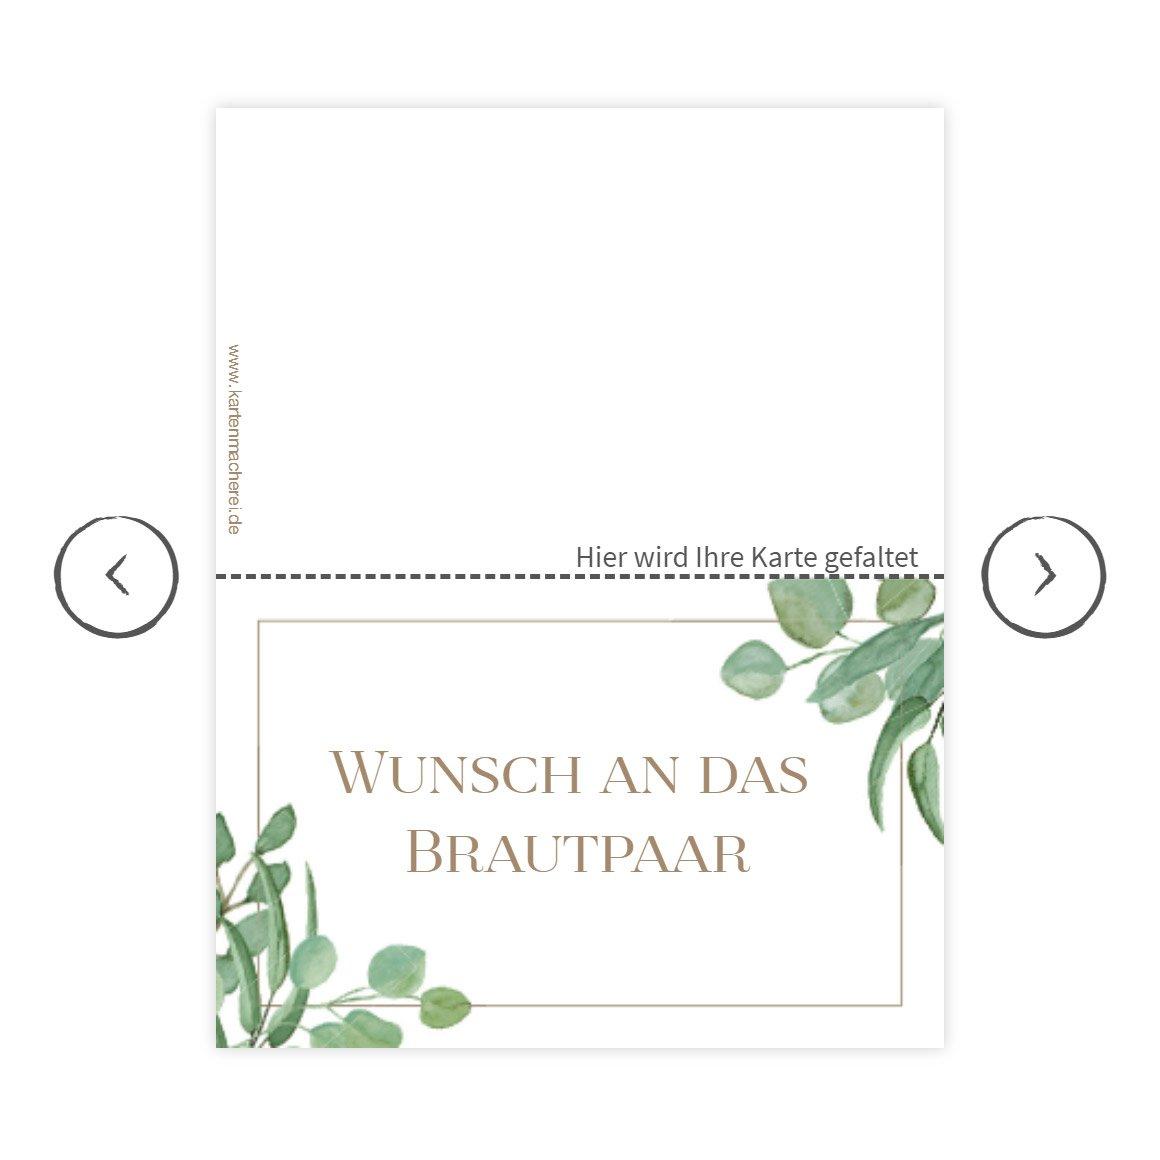 Wunschkarten für das Brautpaar von der kartenmacherei